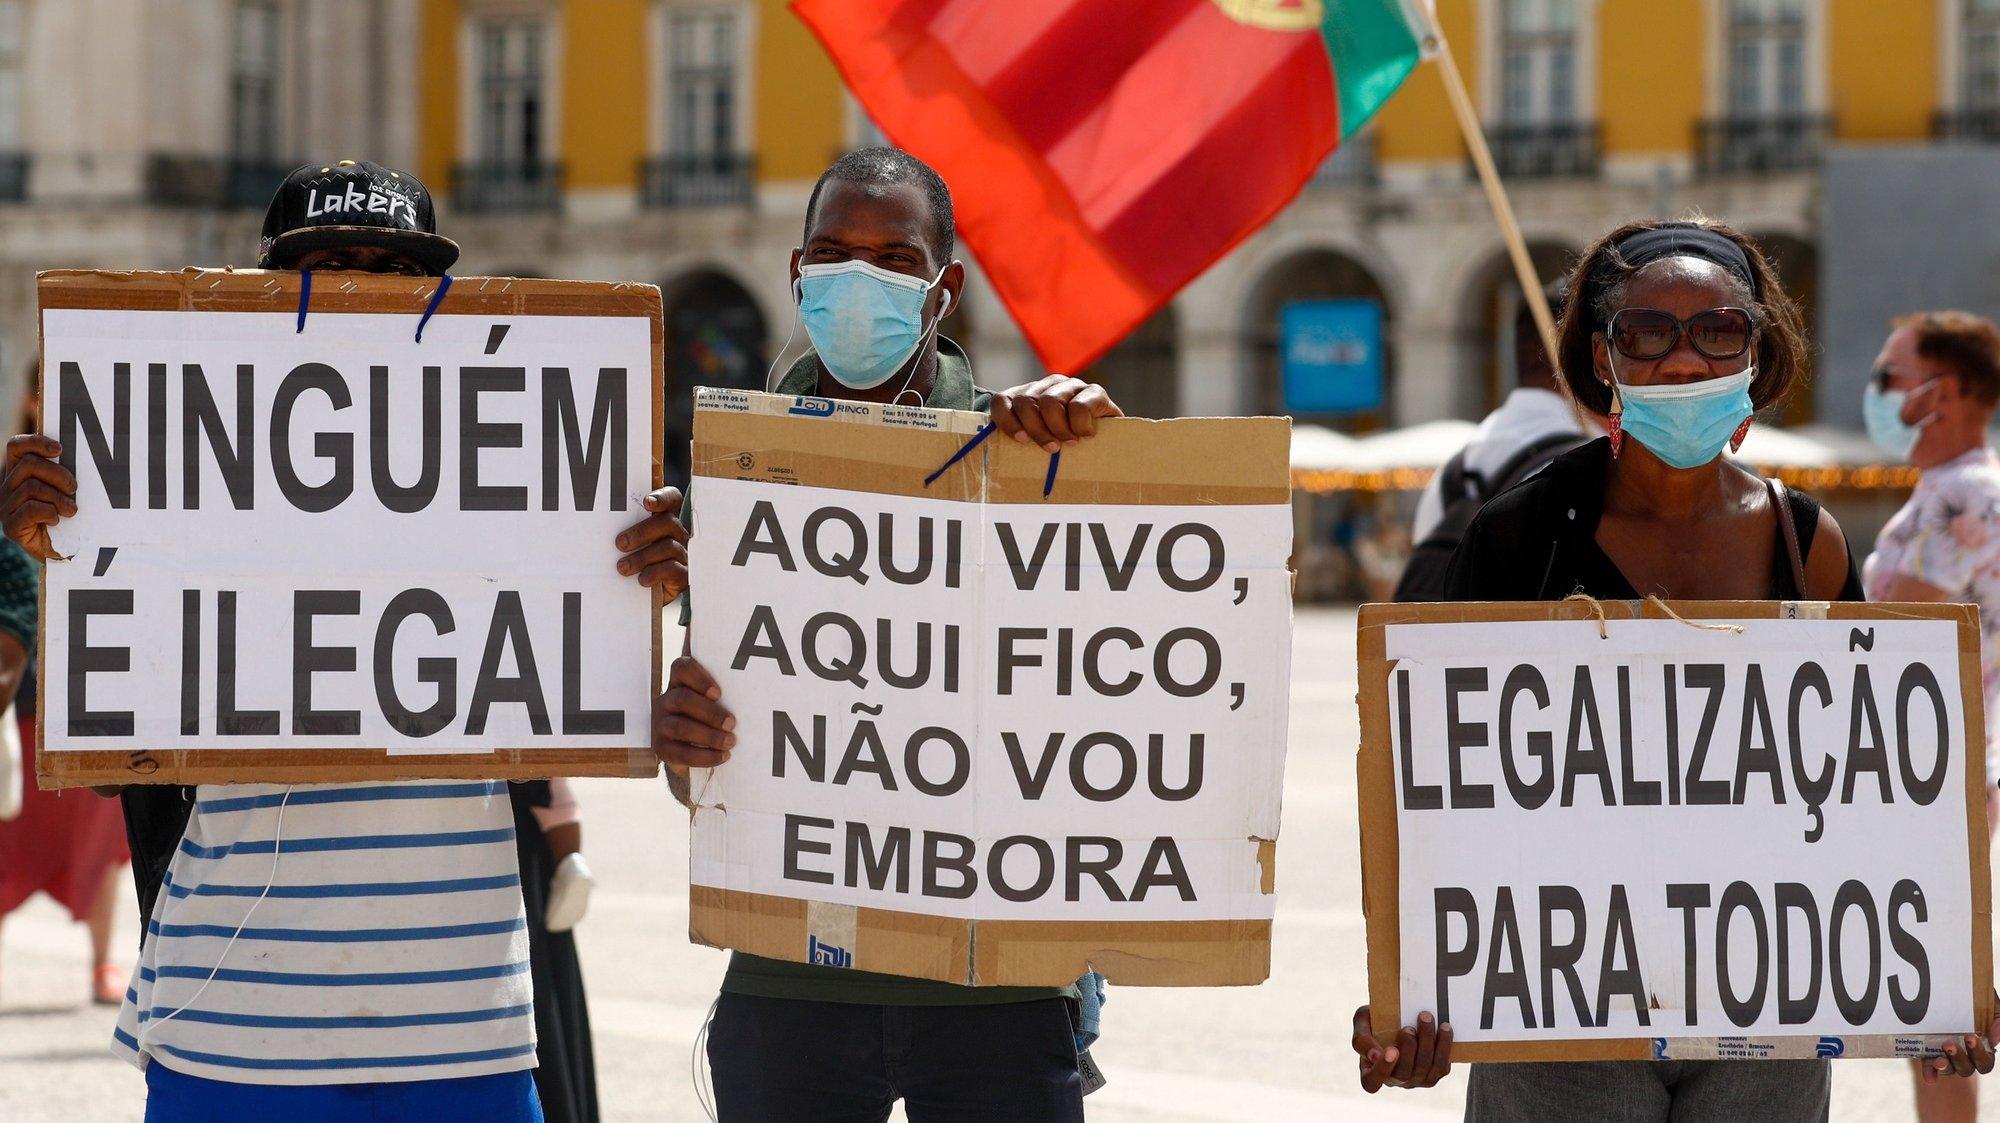 Imigrantes protestam durante a manifestação onde exigem melhores condições no acesso ao processo de legalização, em Lisboa, 11 de julho de 2021. A ação de protesto é promovida pelo Comité dos Imigrantes em Portugal para a Liberação da Residência, com o apoio da Casa do Brasil de Lisboa, da Solidariedade Imigrante e da Associação Olho Vivo. ANTÓNIO COTRIM/LUSA